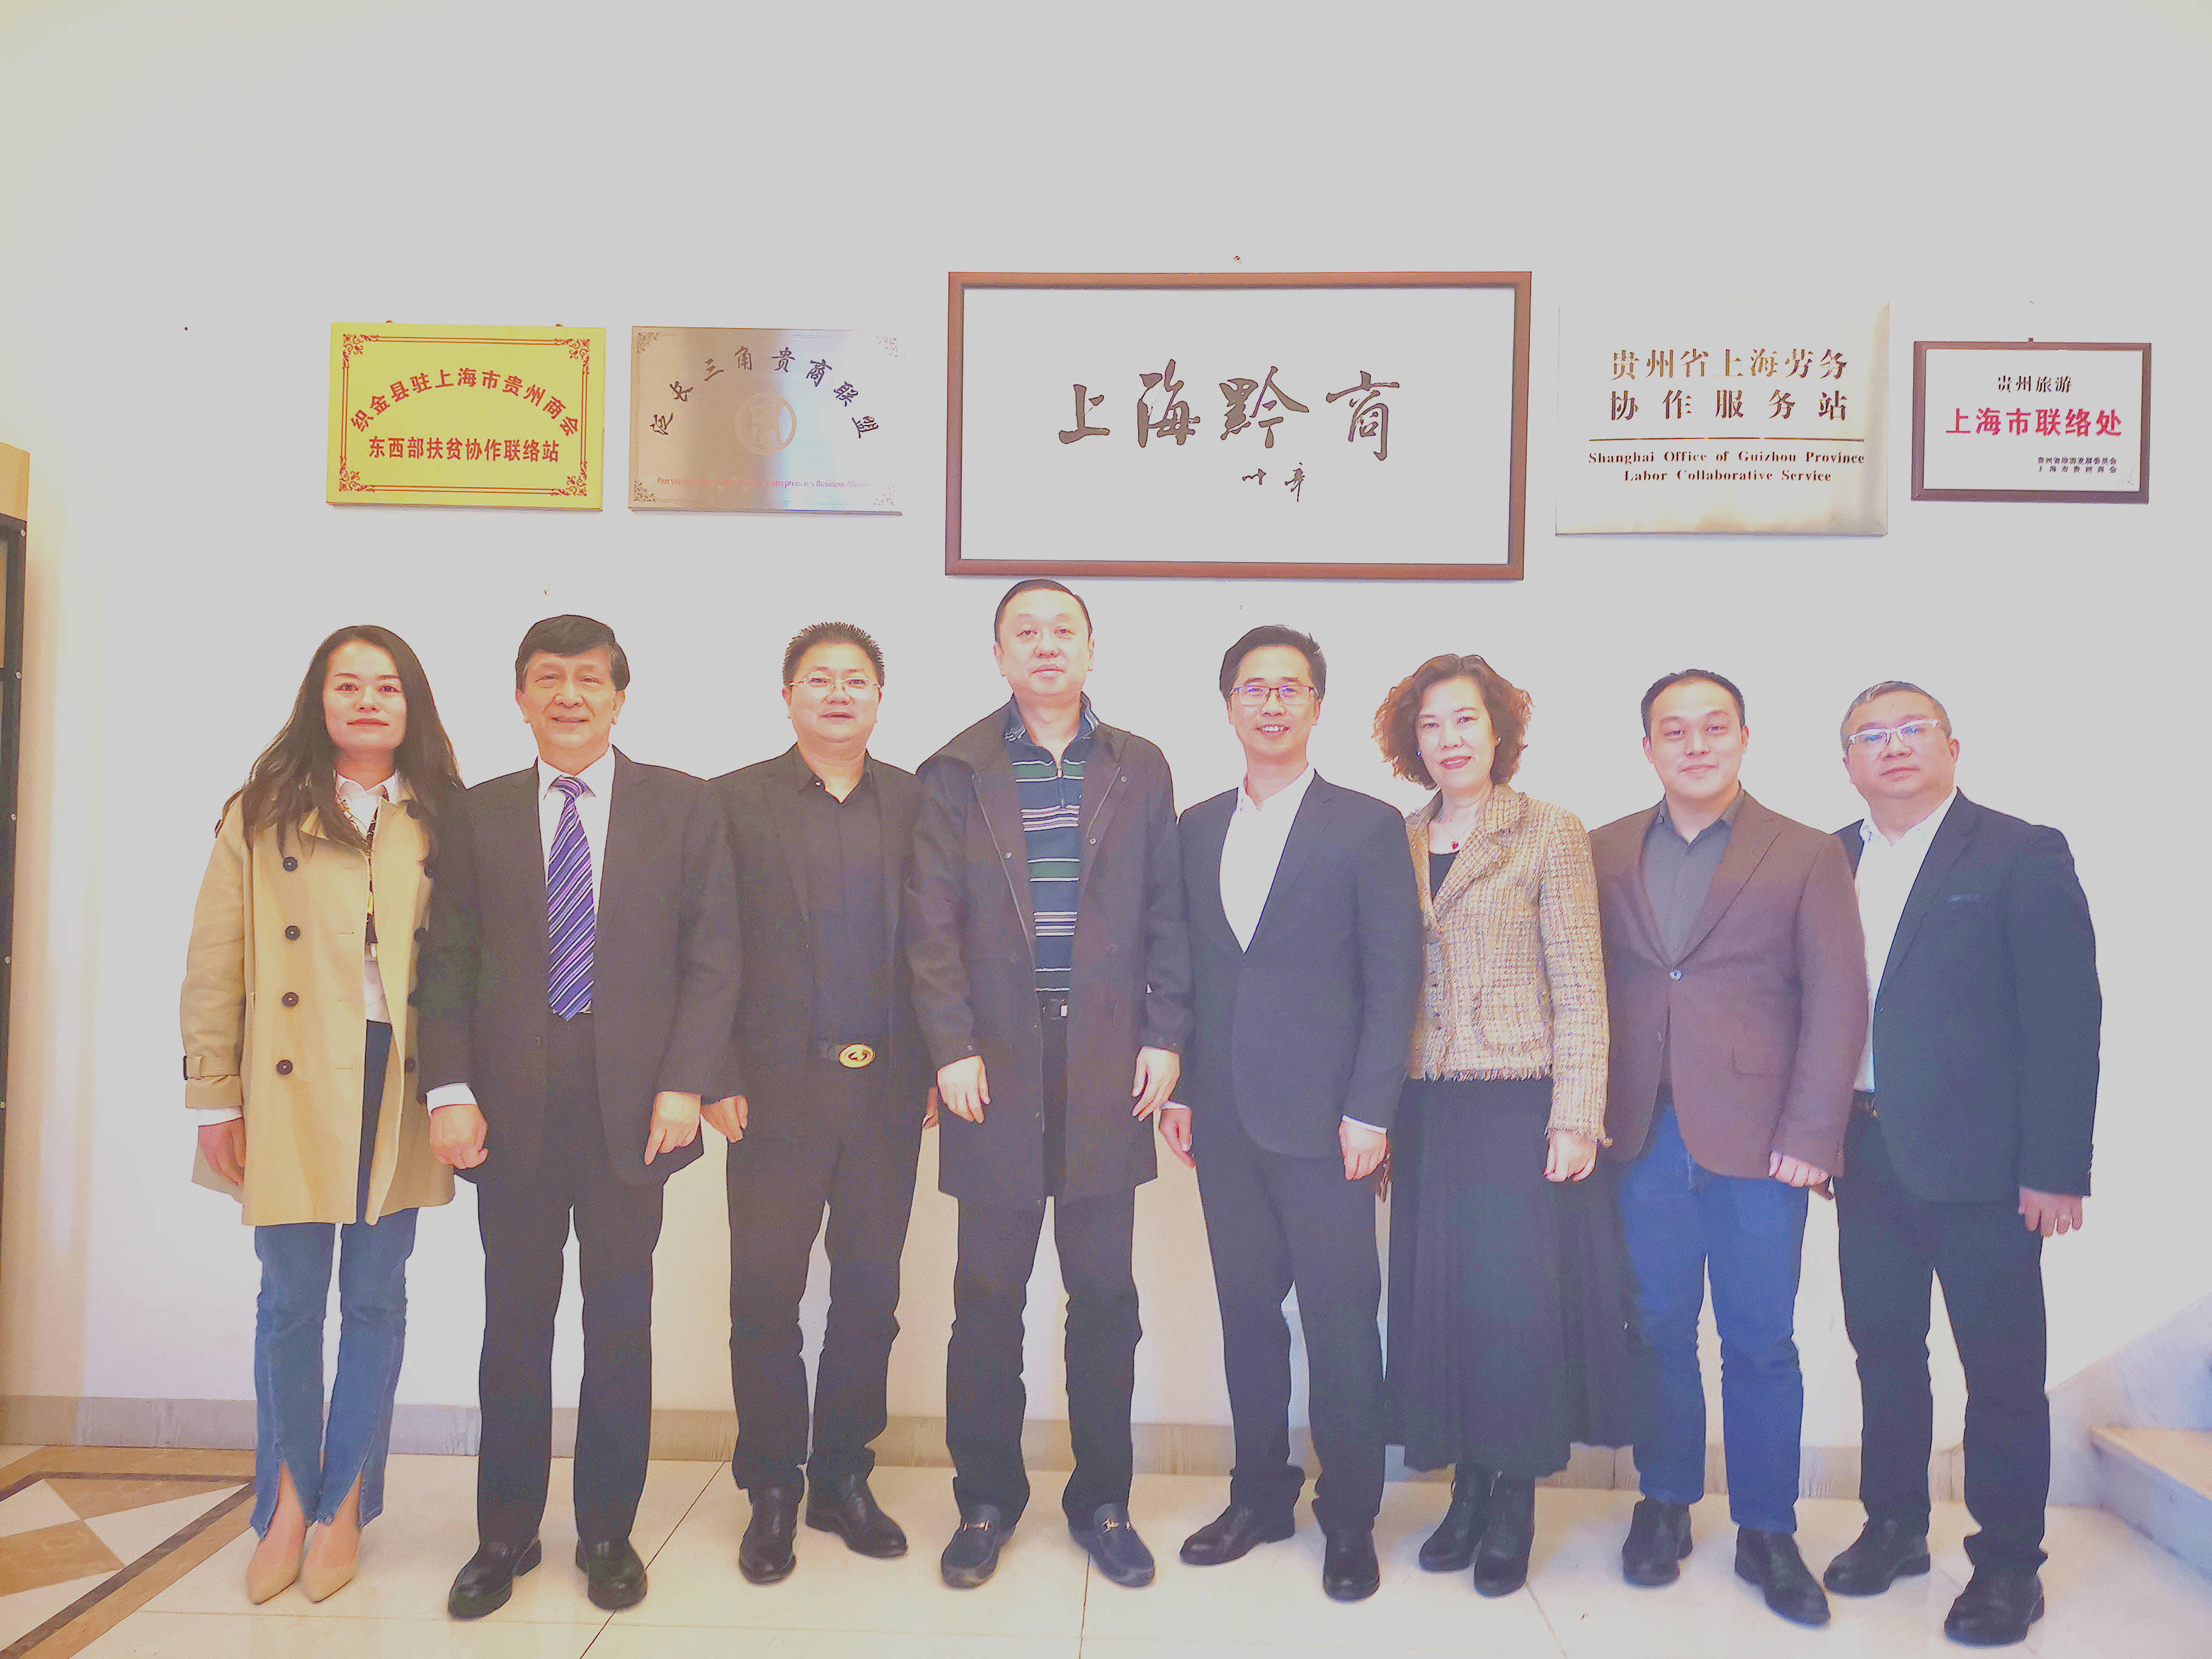 东方美谷虹桥中心产业园一行拜访上海市贵州商会进行座谈交流